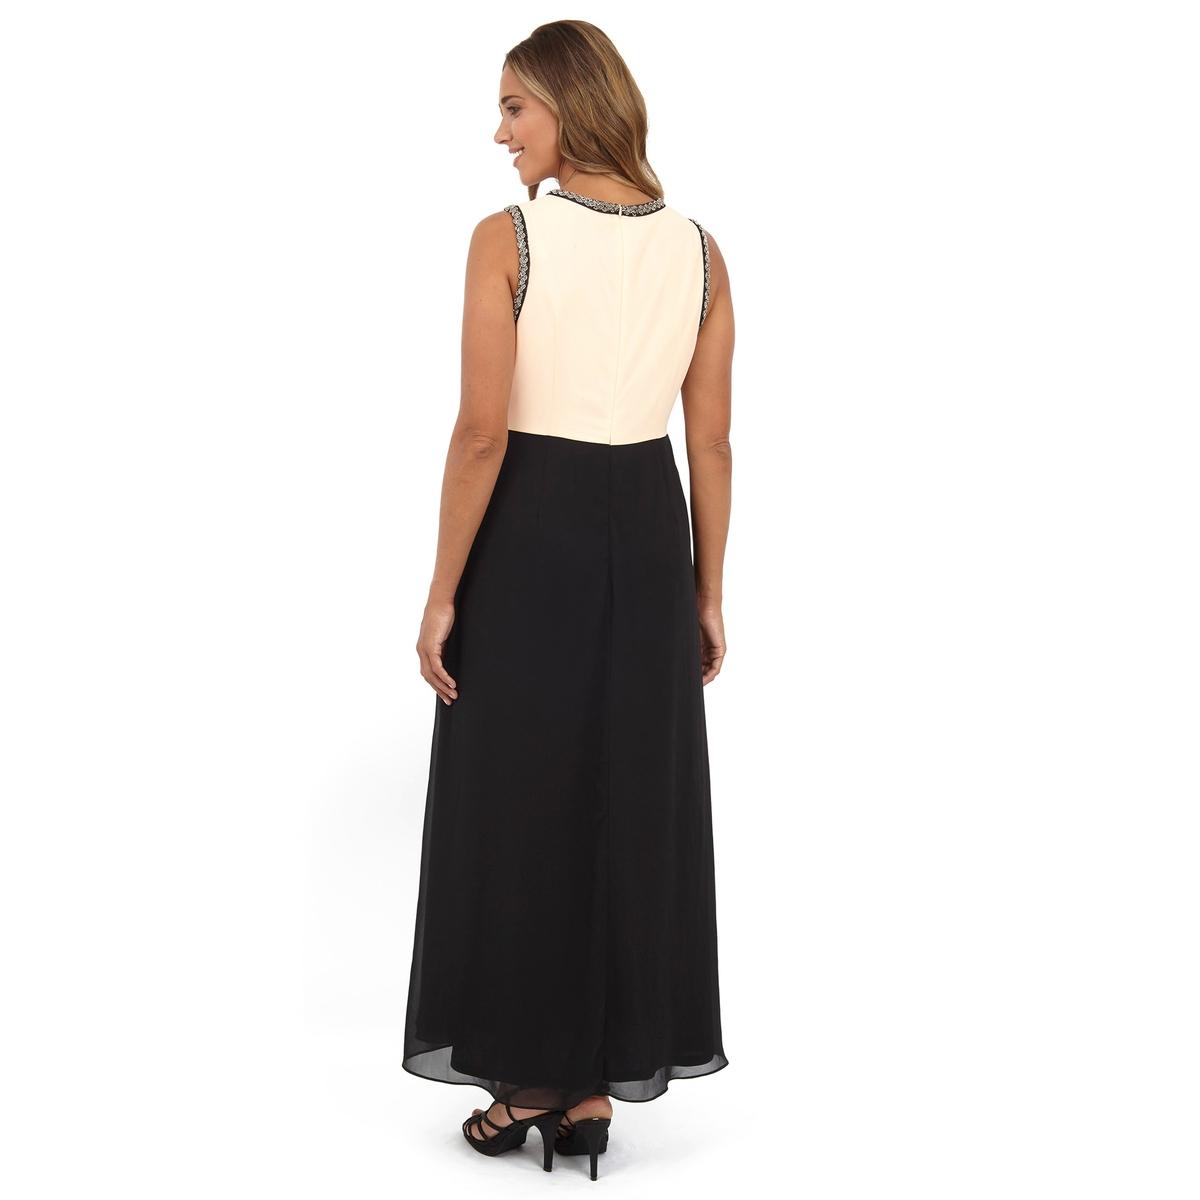 купить Платье длинное по цене 4199.4 рублей